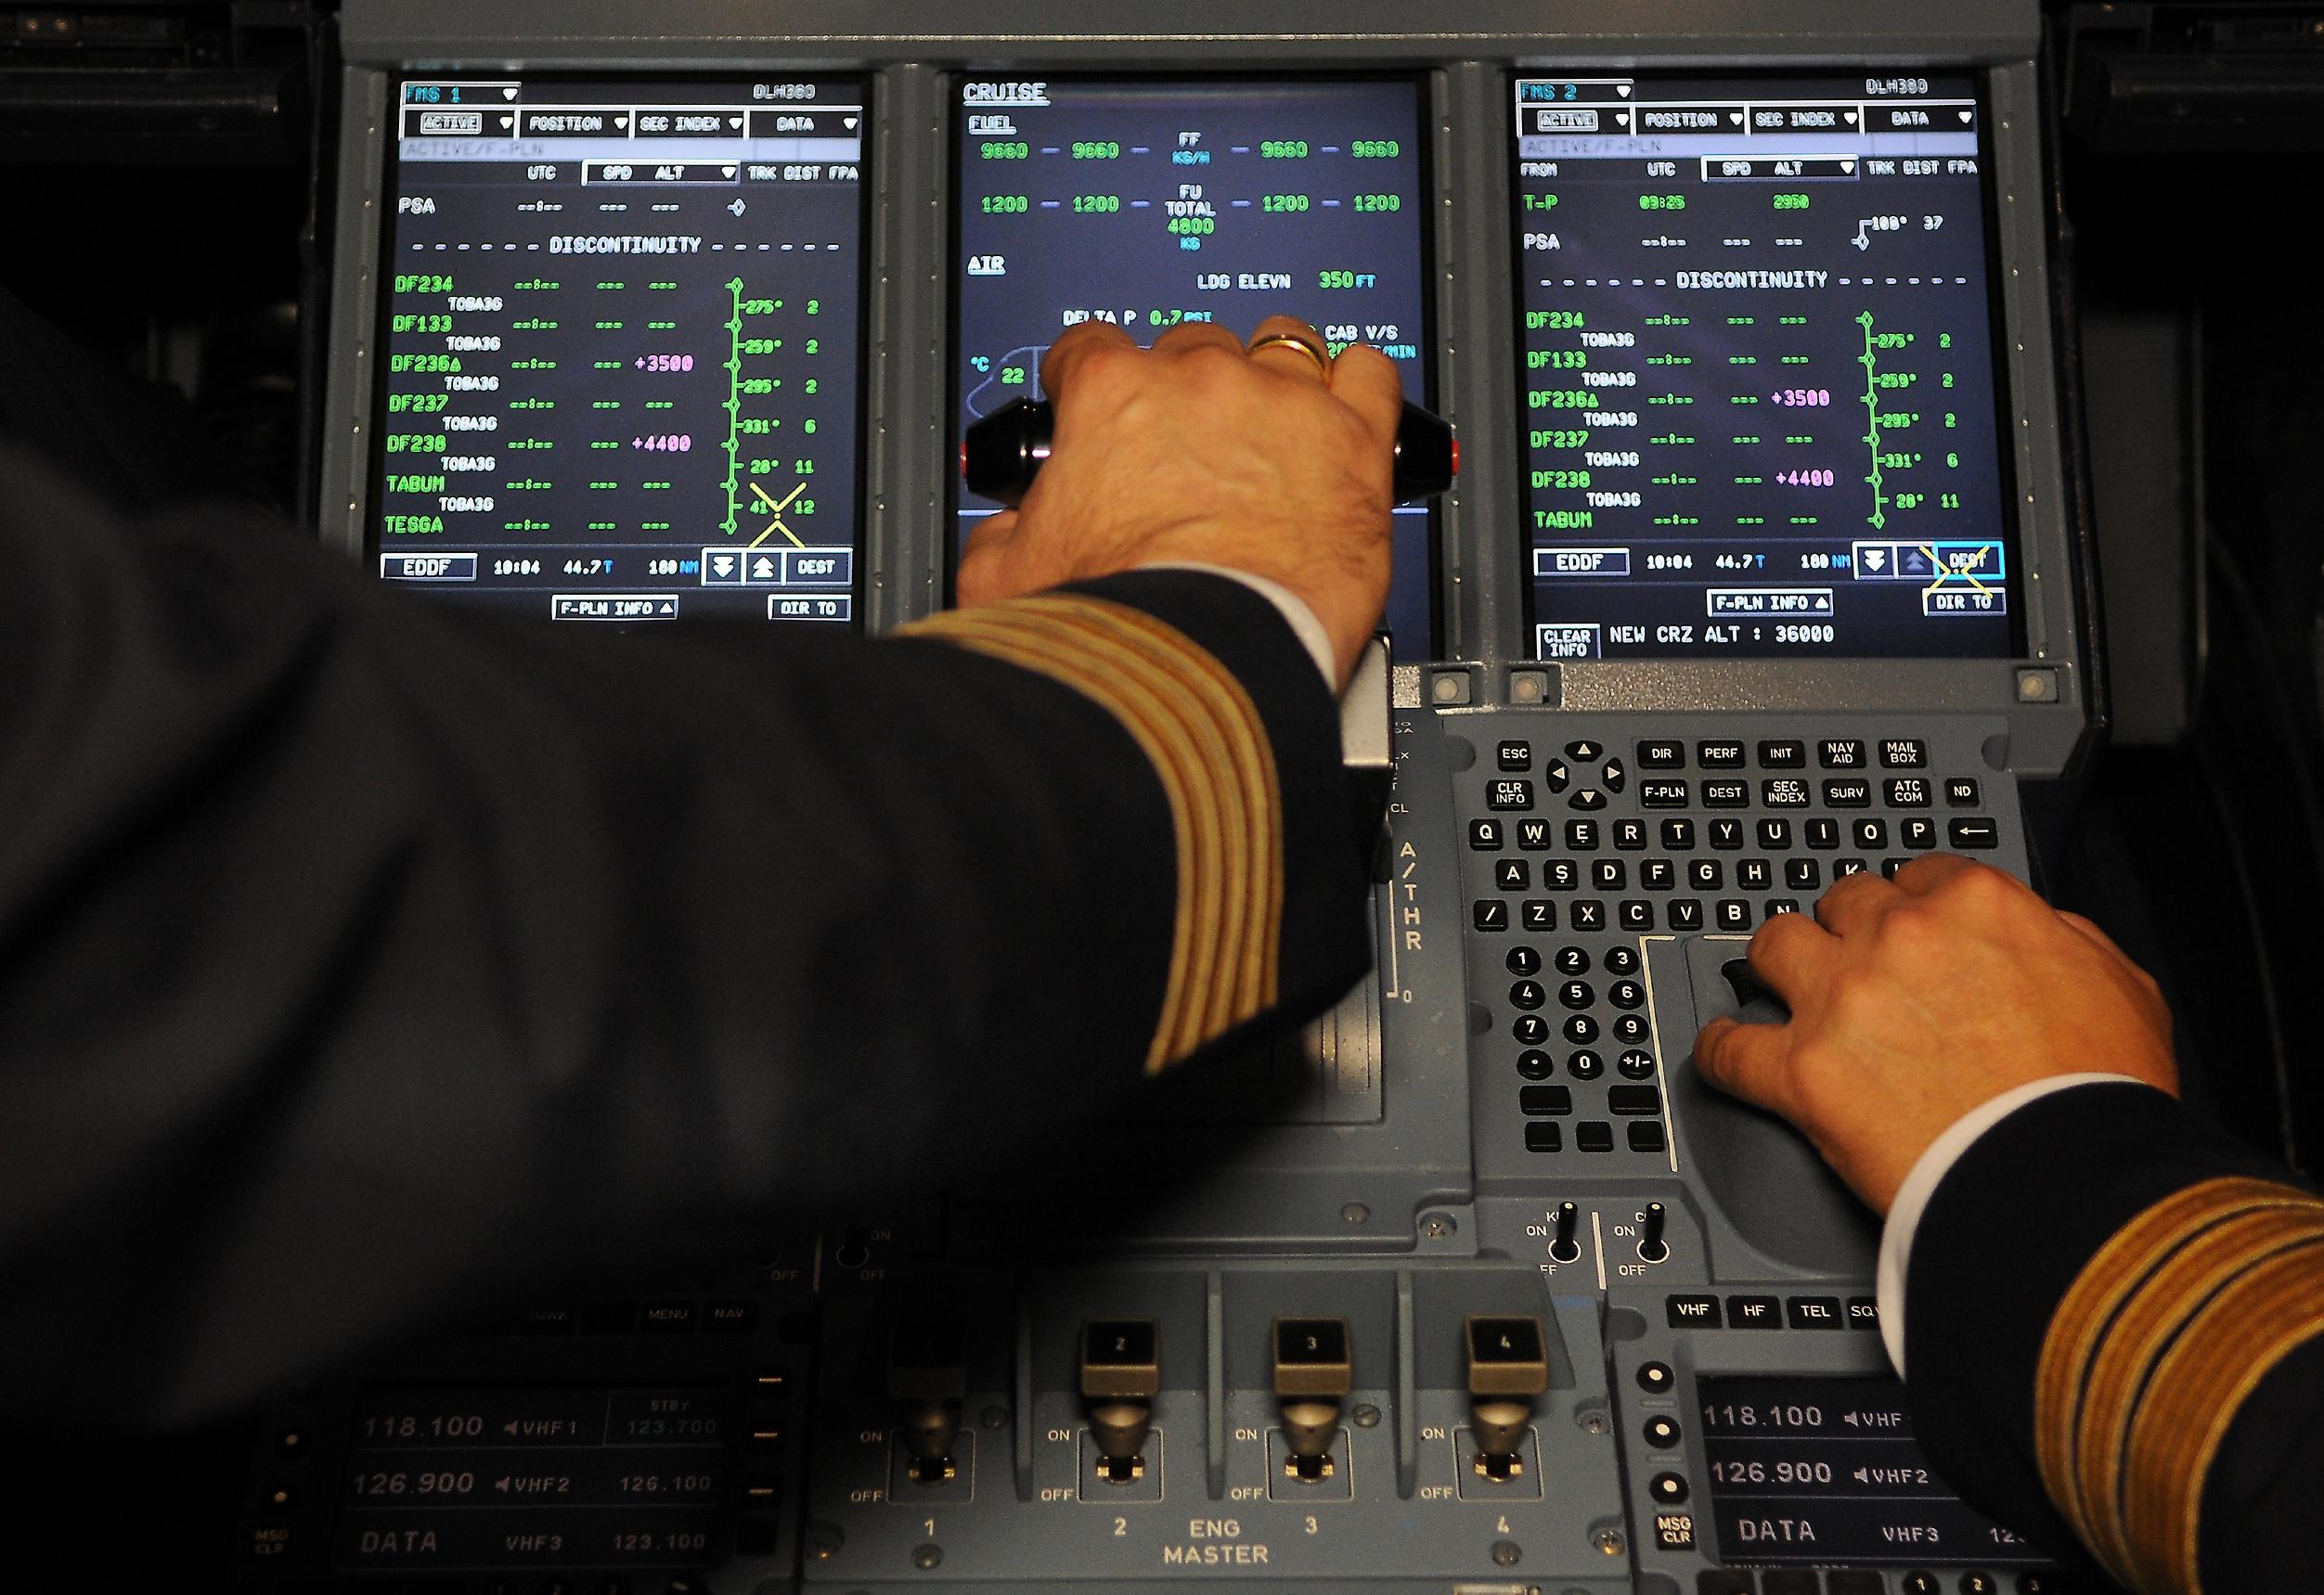 Erhvervsrejsebureauer og travel managers forudser kun langsomt tilbagevenden efter coronakrisen. Men der er stigninger i efterspørgslen på firmarejser, lyder det fra Lufthansa. Arkivpressefoto fra Lufthansa.